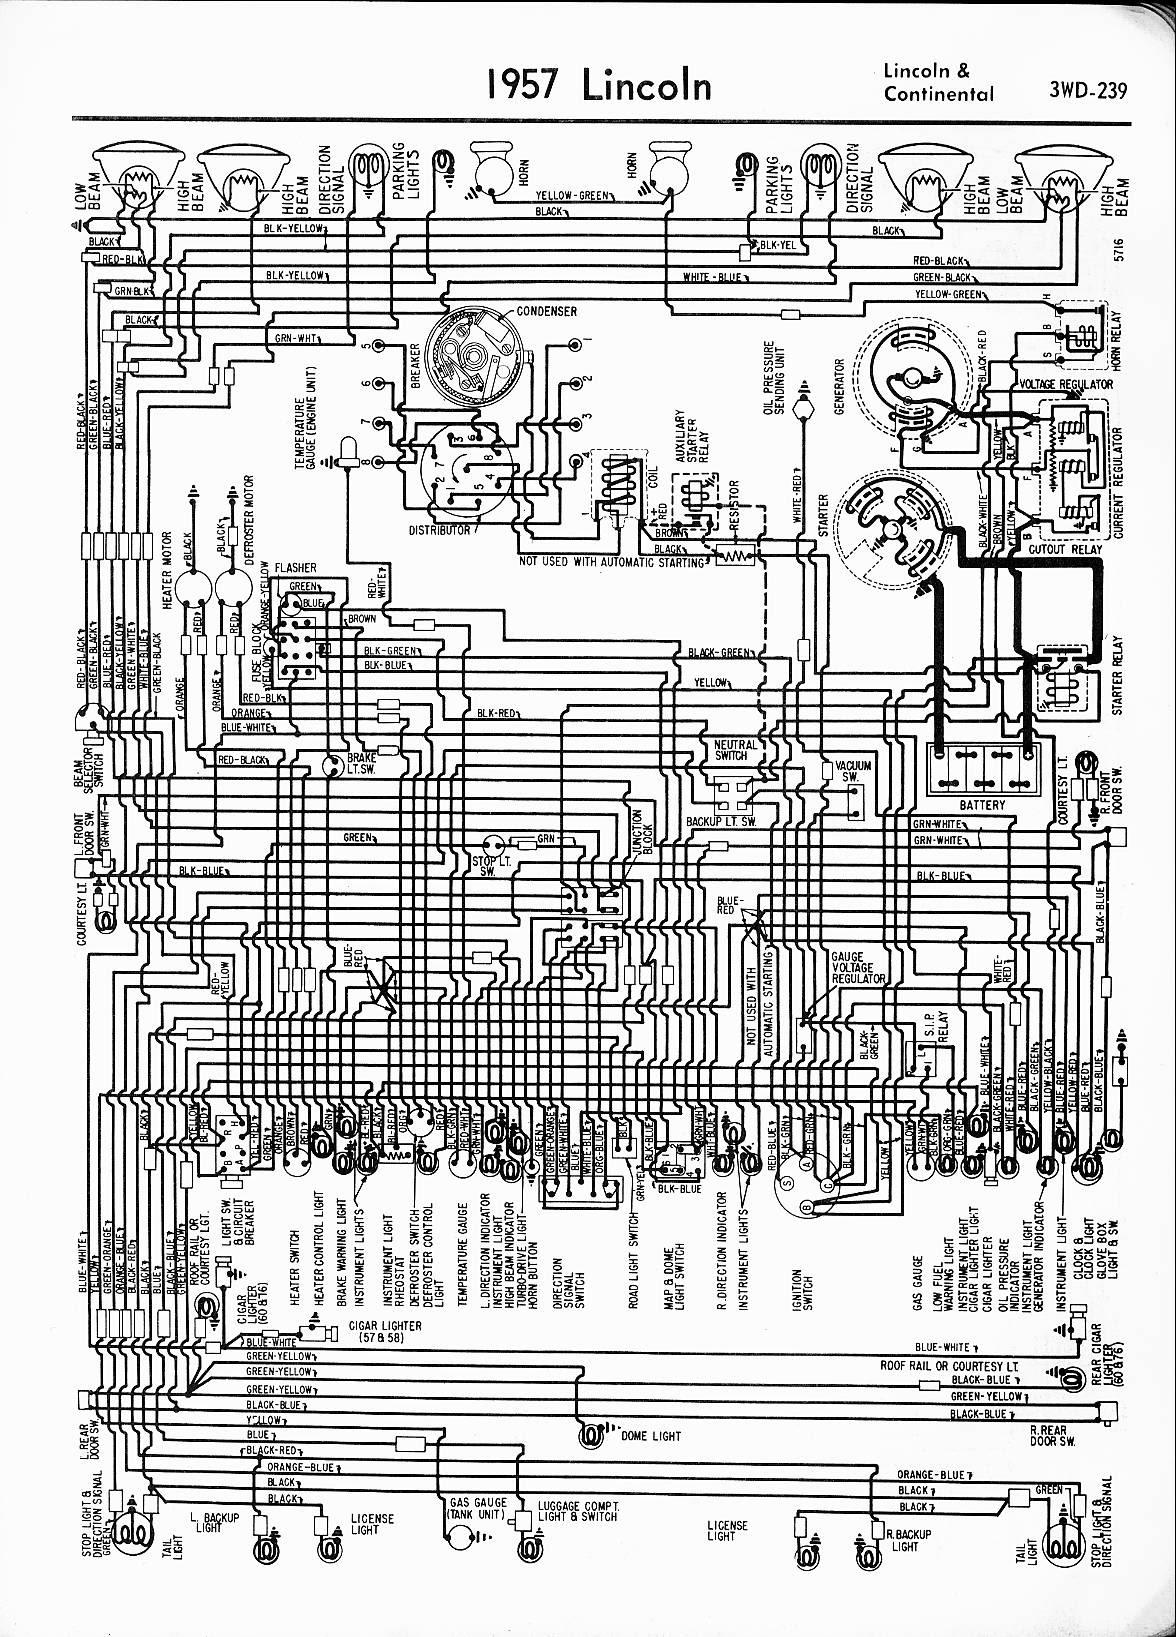 1965 Mustang Wiring Diagram Pdf